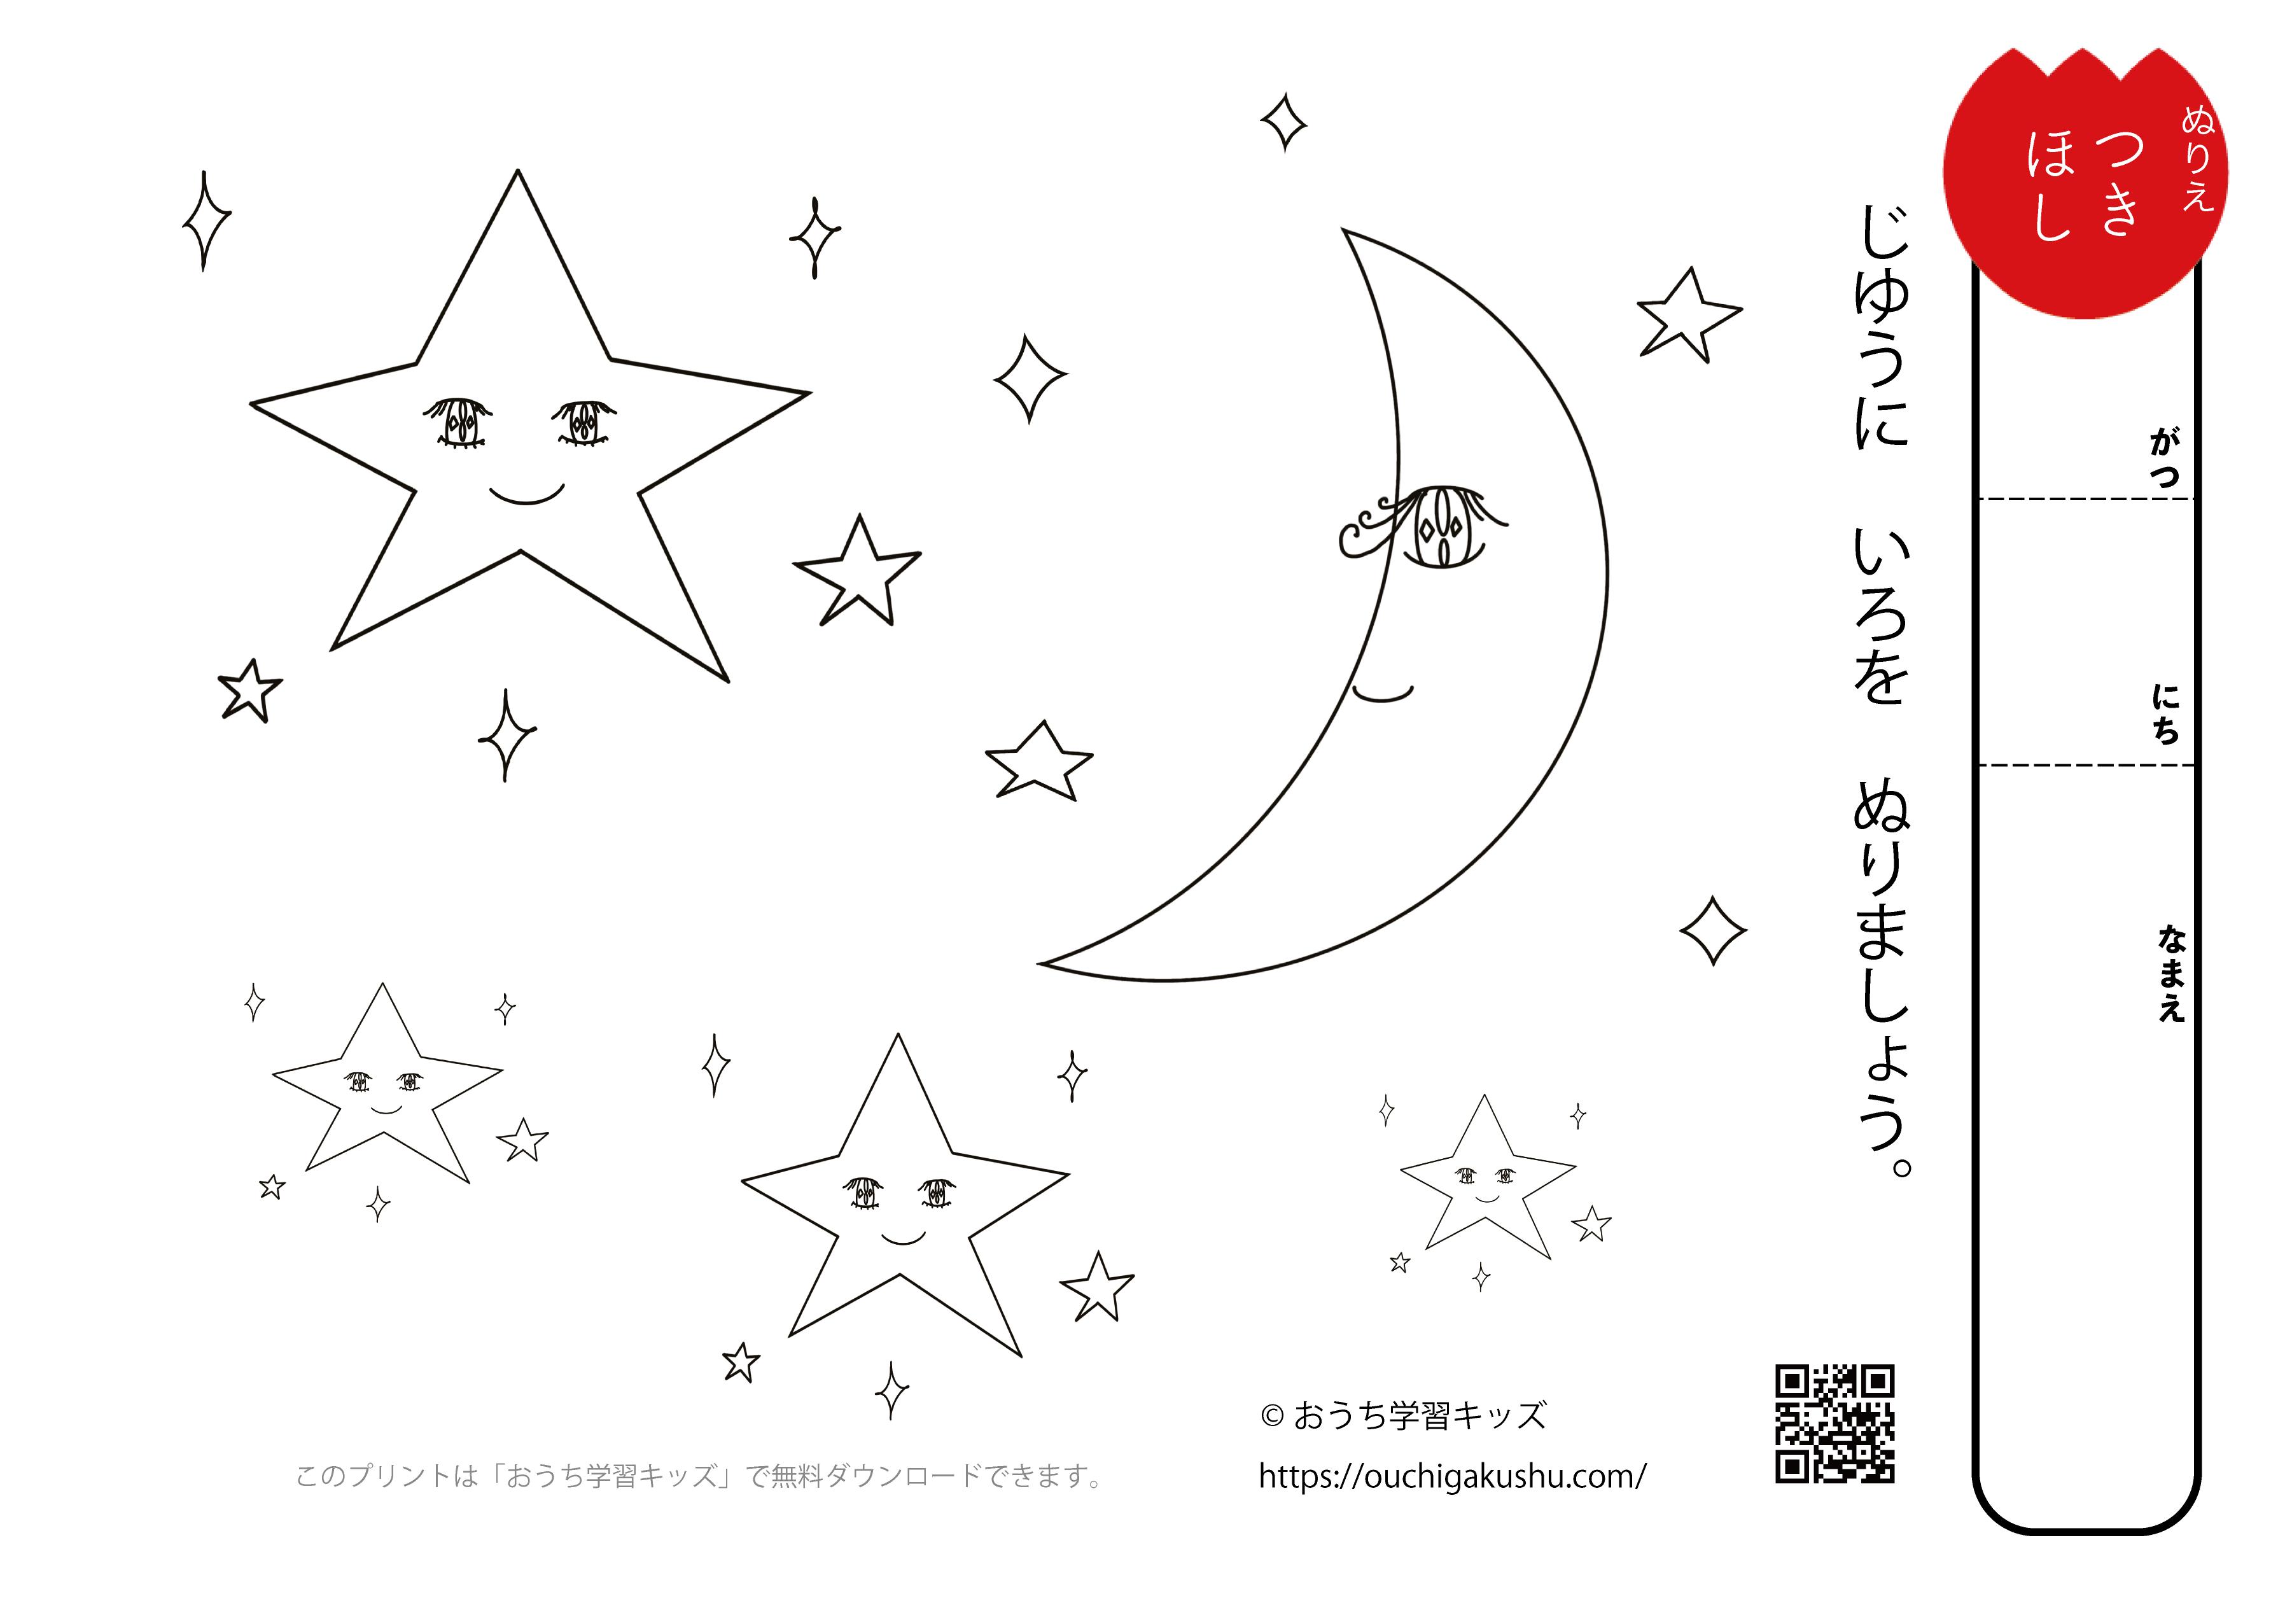 無料ぬりえプリント「月と星」